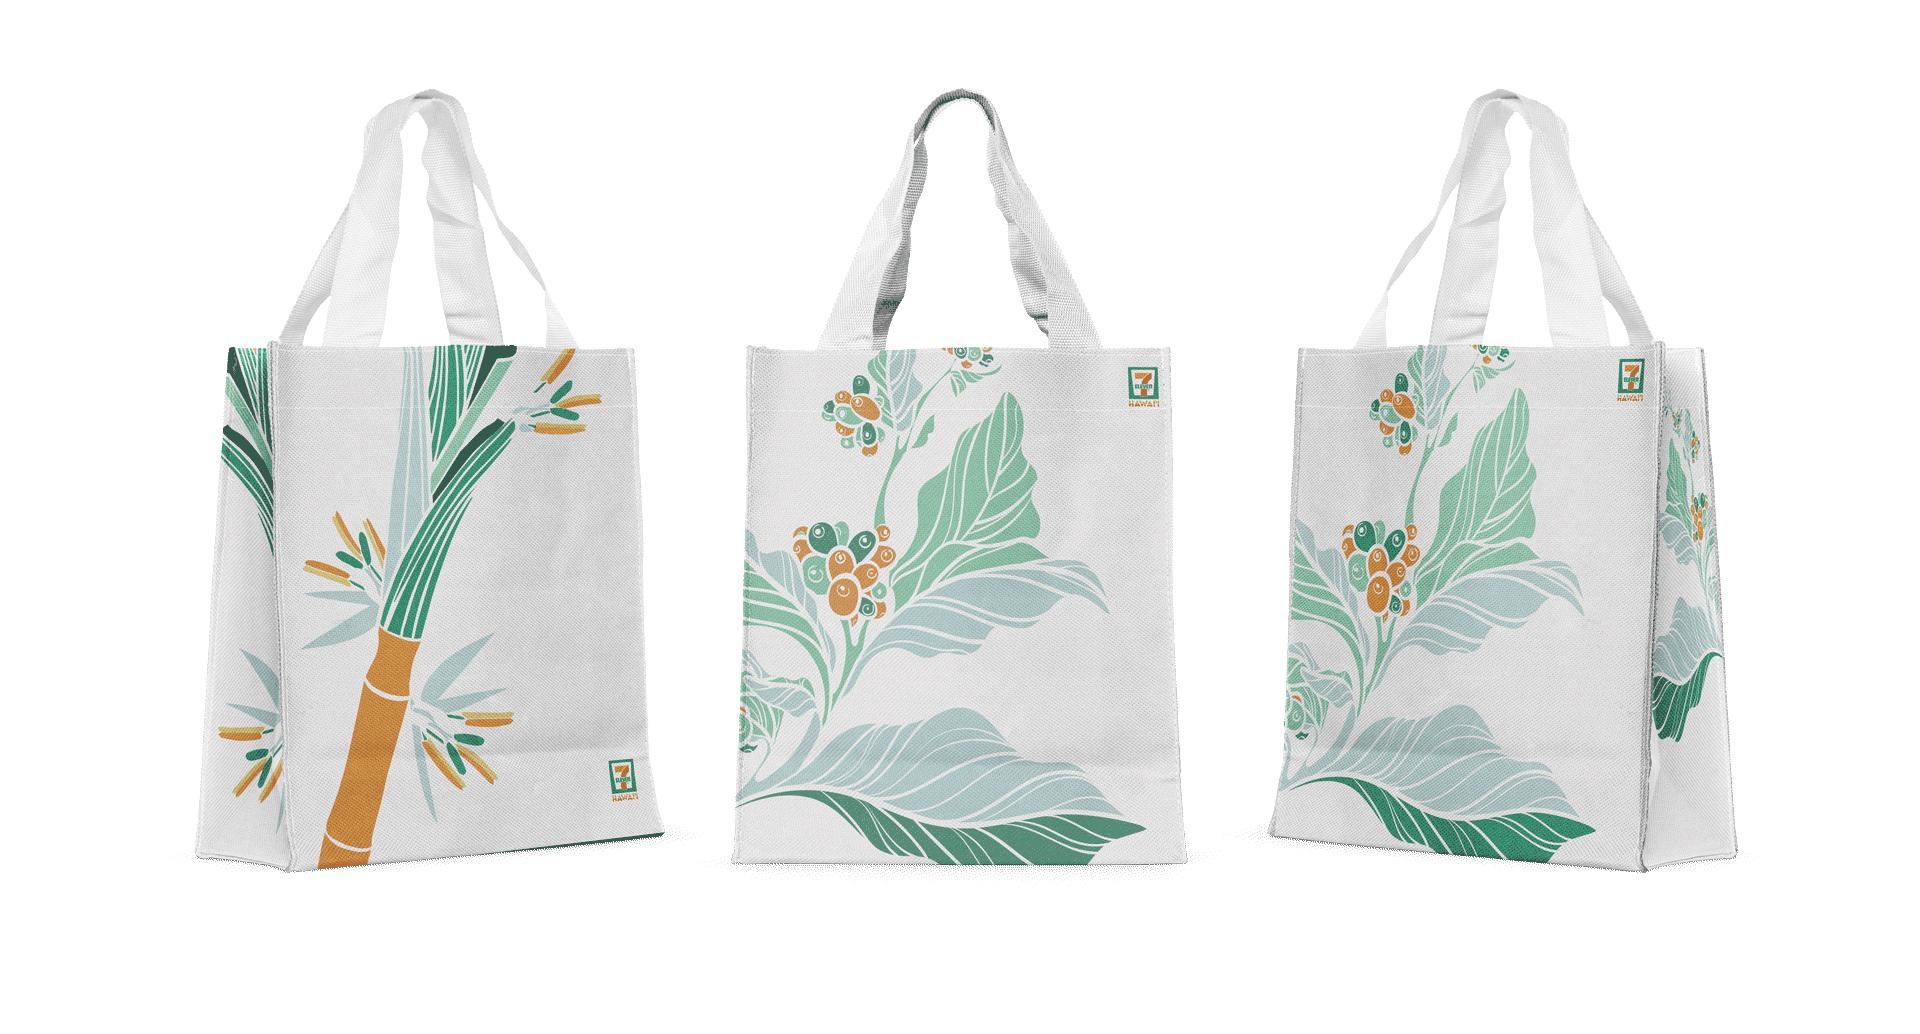 7-Eleven-Bag-Design2.png